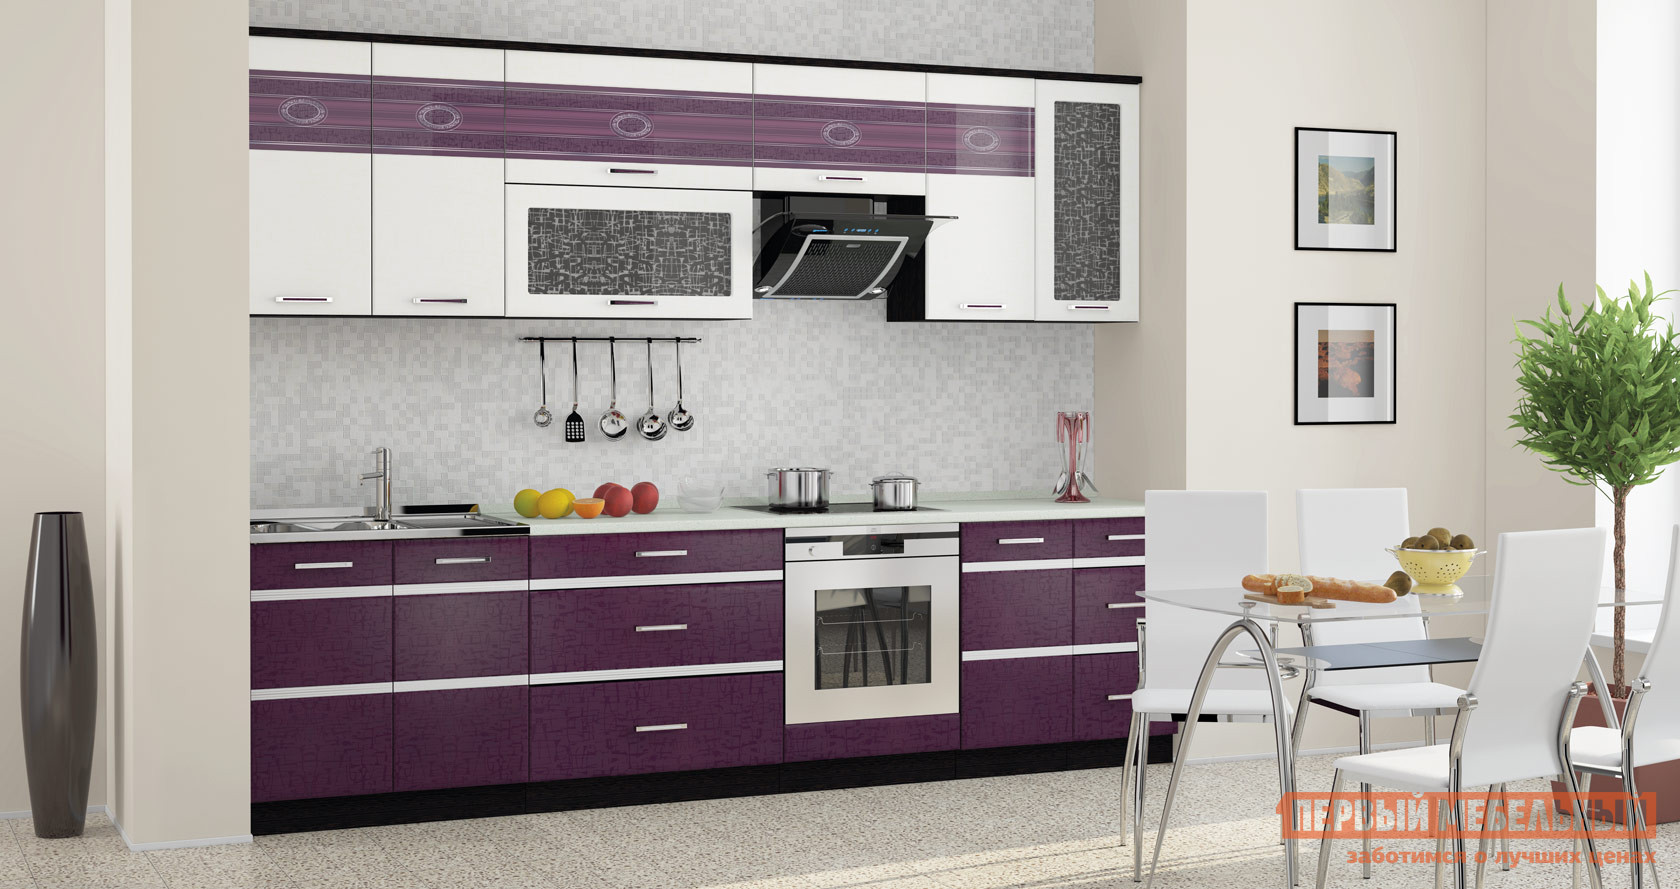 Комплект мебели для кухни Витра Палермо 300 комплект мебели для кухни витра палермо 300